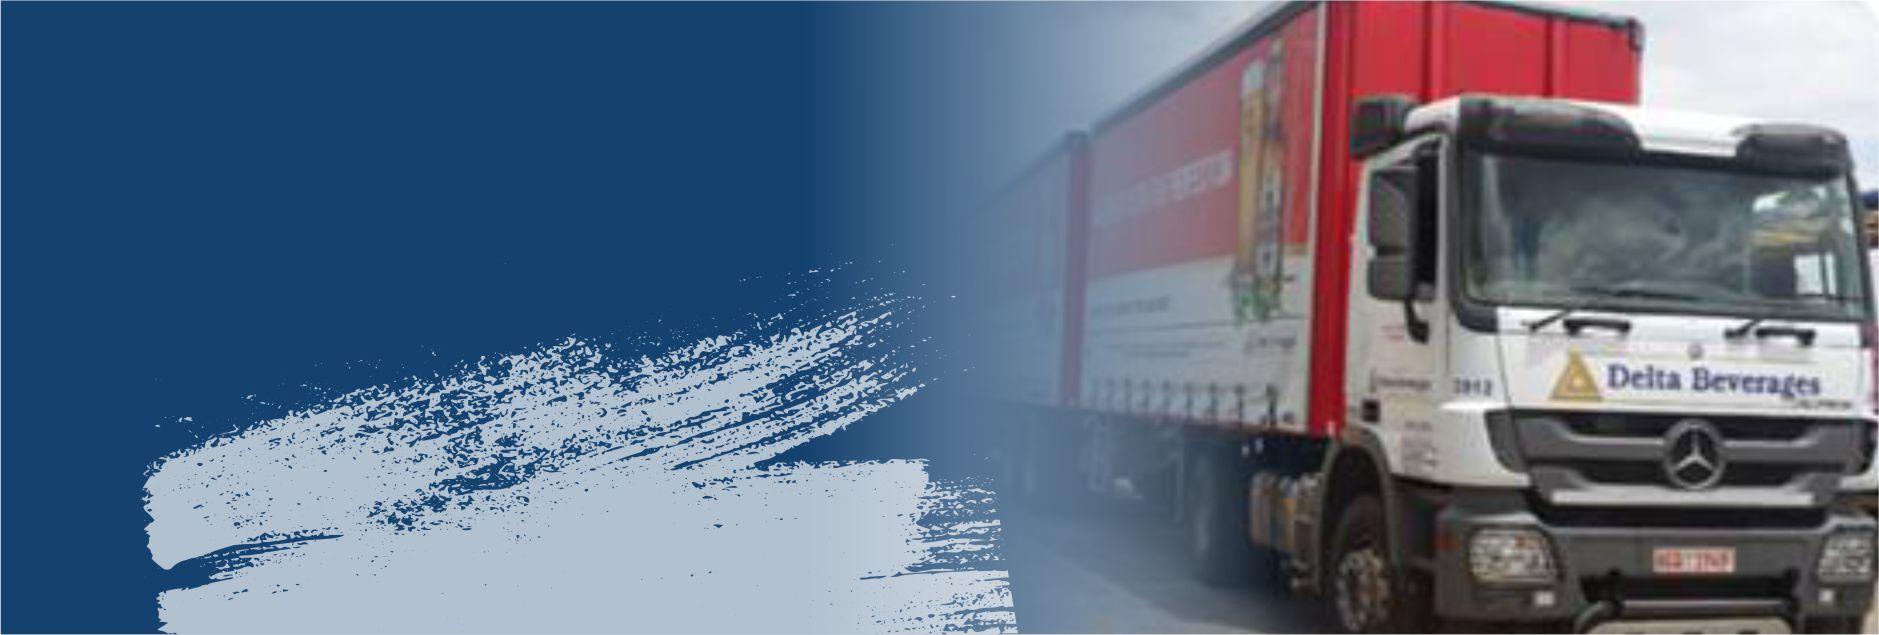 Tender: Transport Services